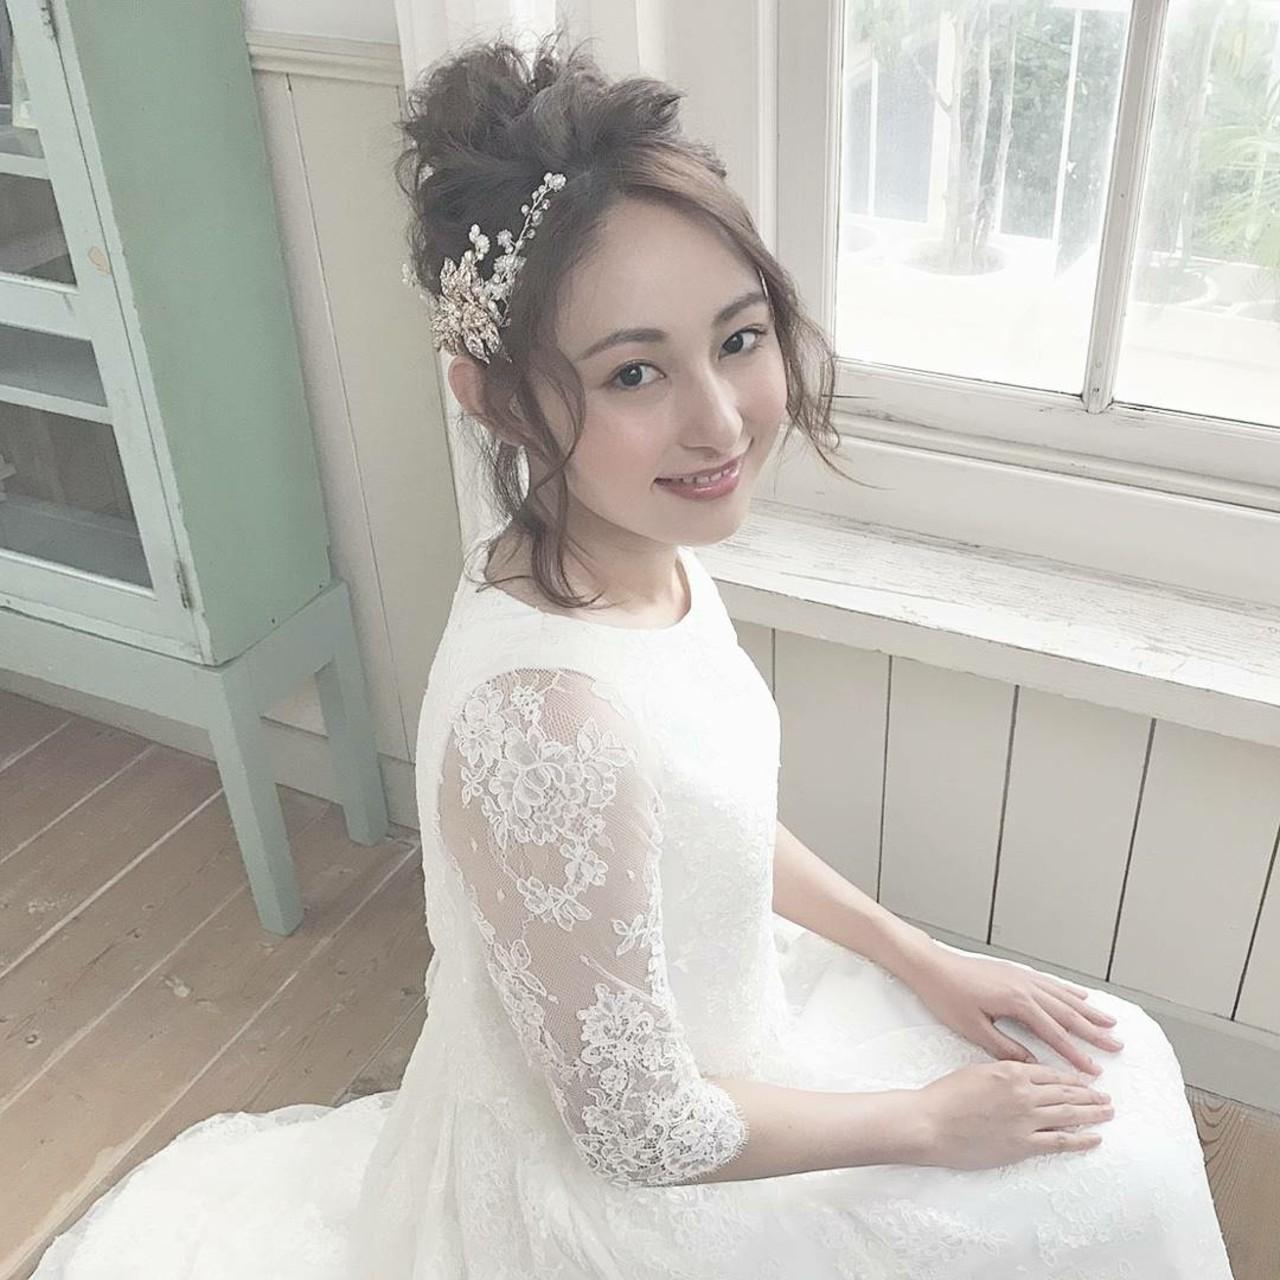 ウエディングドレス向けヘアスタイル♡人生で1番美しい私になれる髪型10選 Tomoko